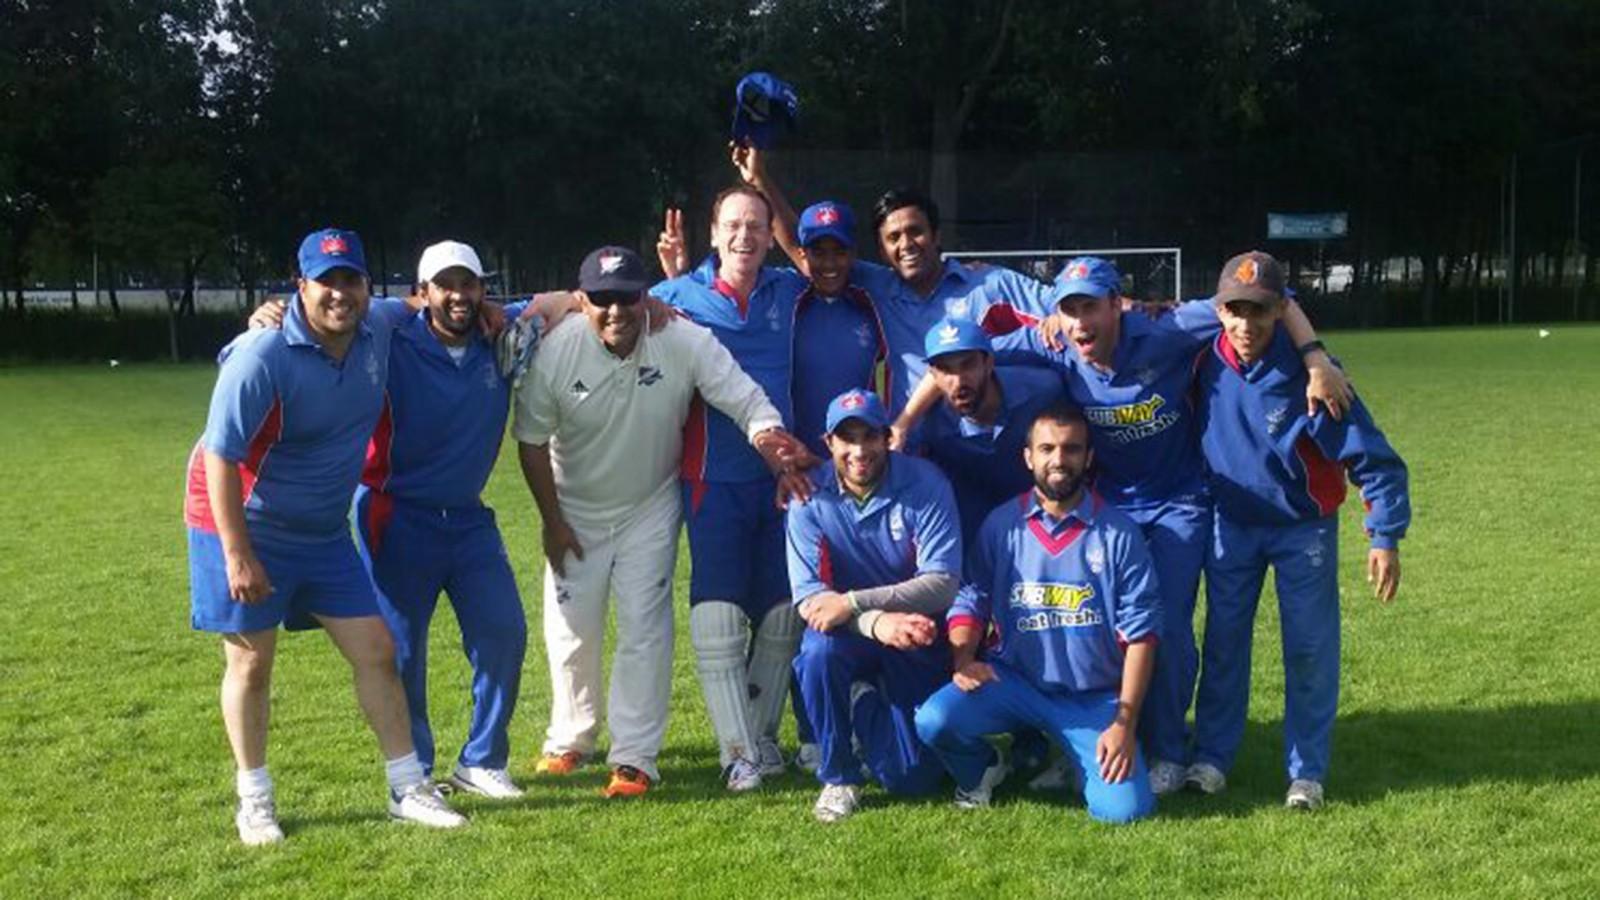 The winning team - VCC 2